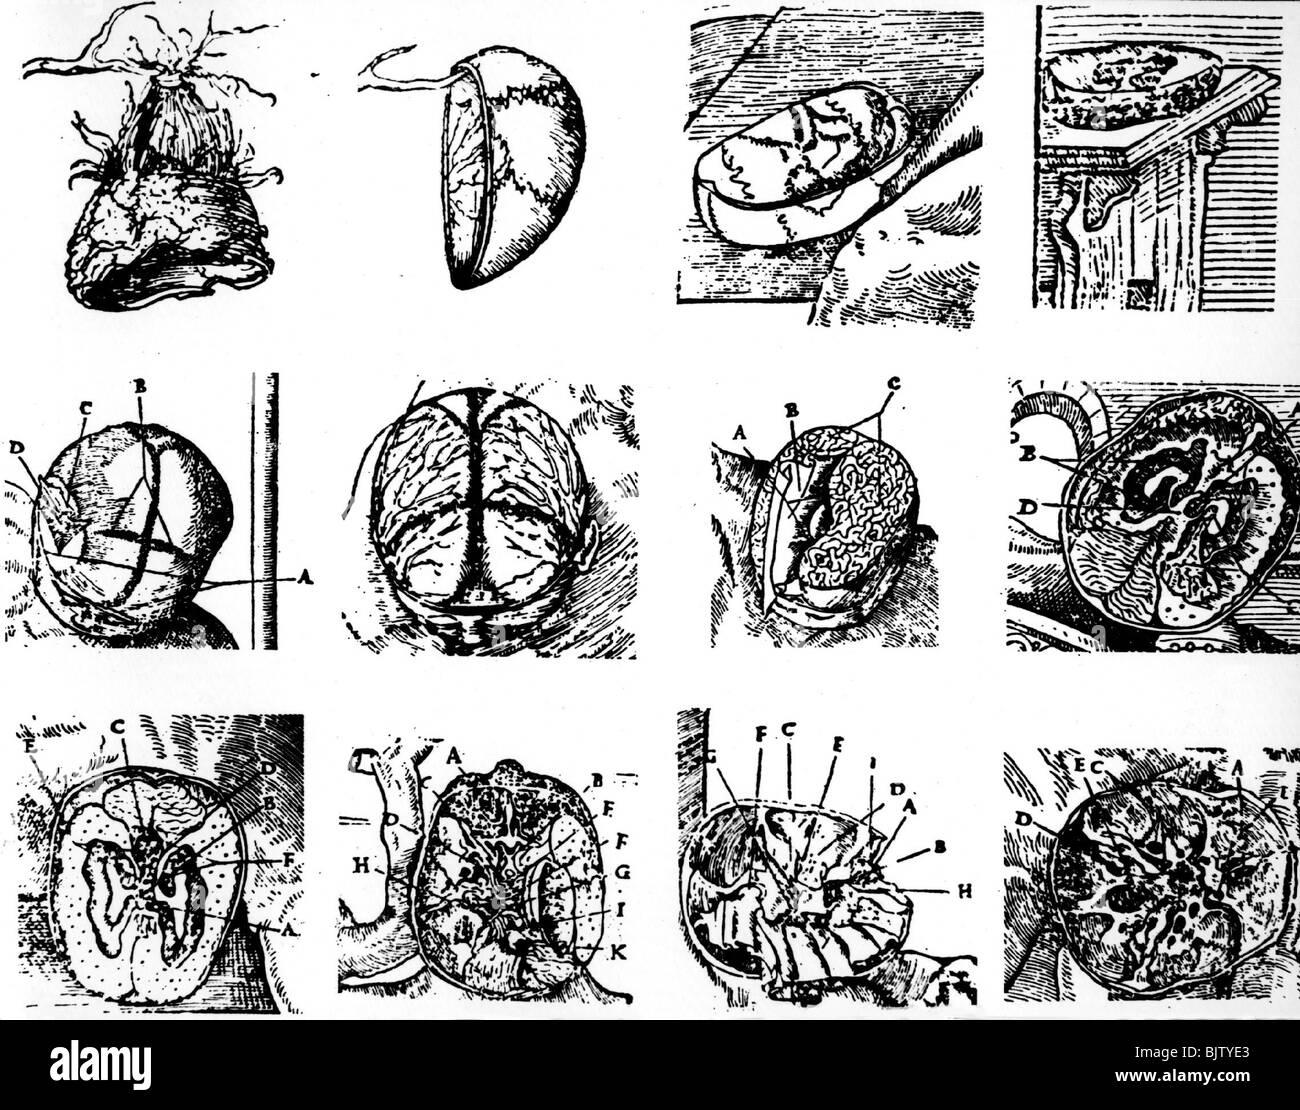 Nett Anatomie Eines Weichei Bilder - Anatomie Ideen - finotti.info